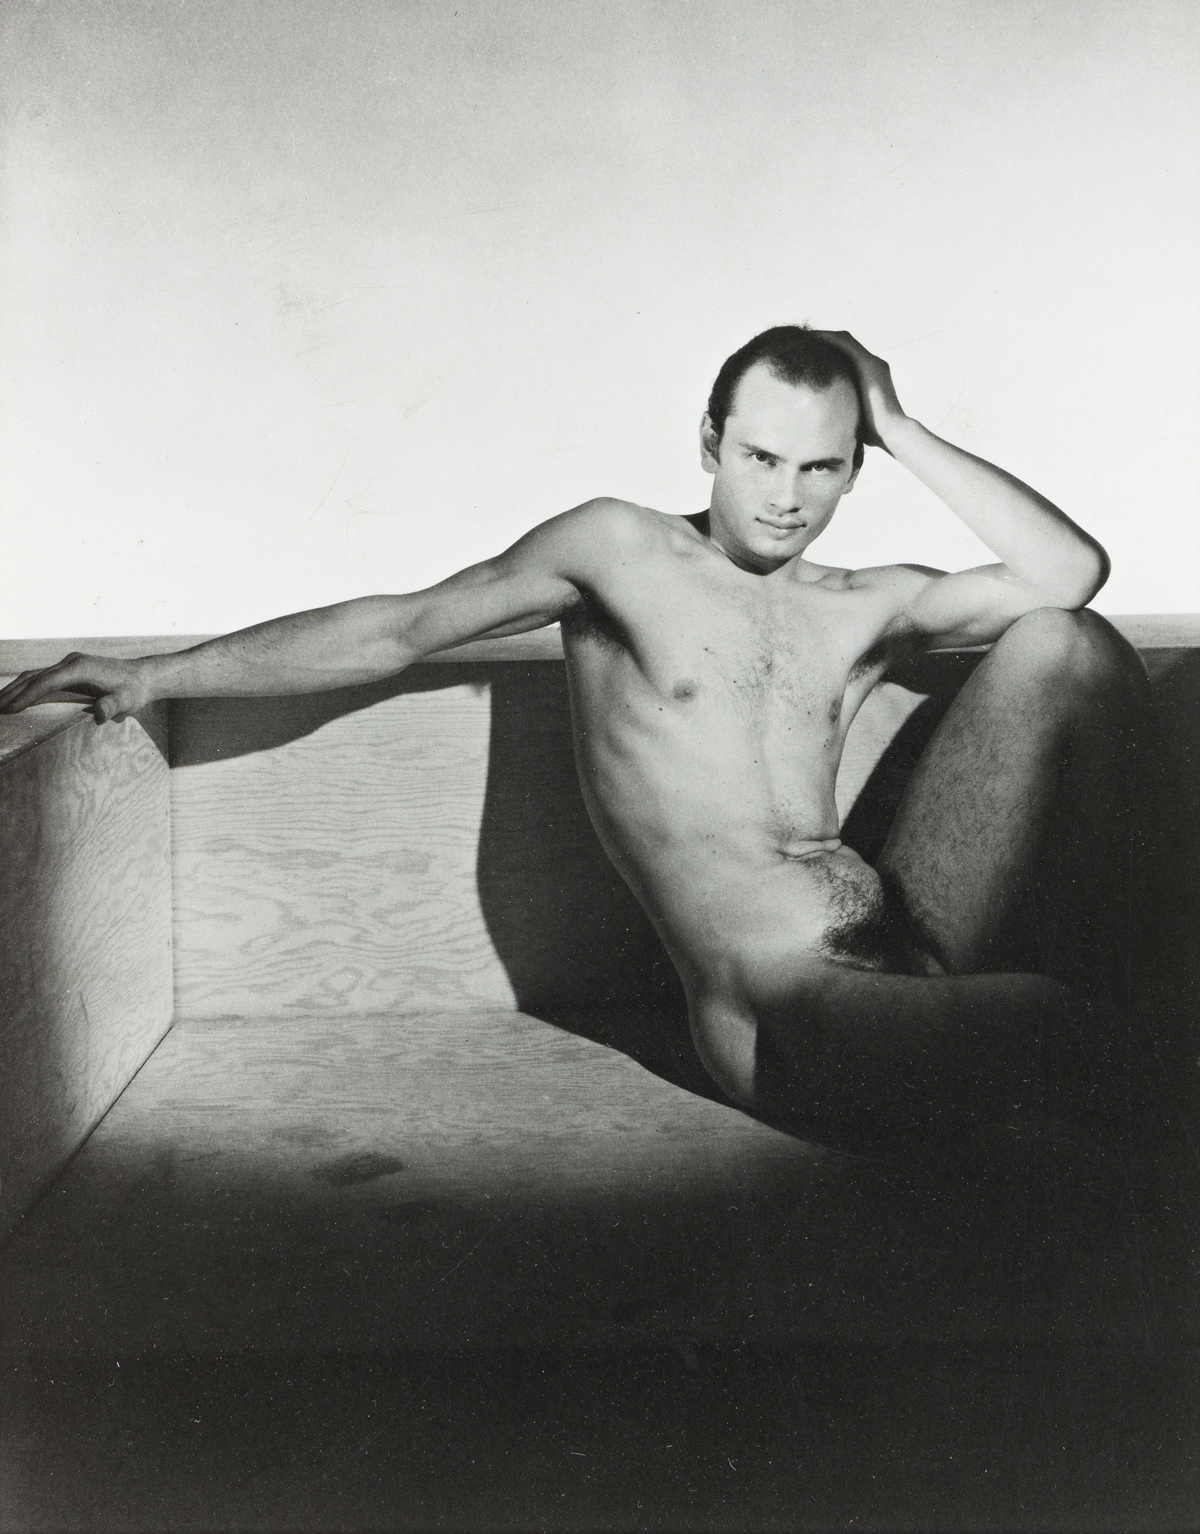 GEORGE PLATT LYNES (1907-1955) Yul Brynner.